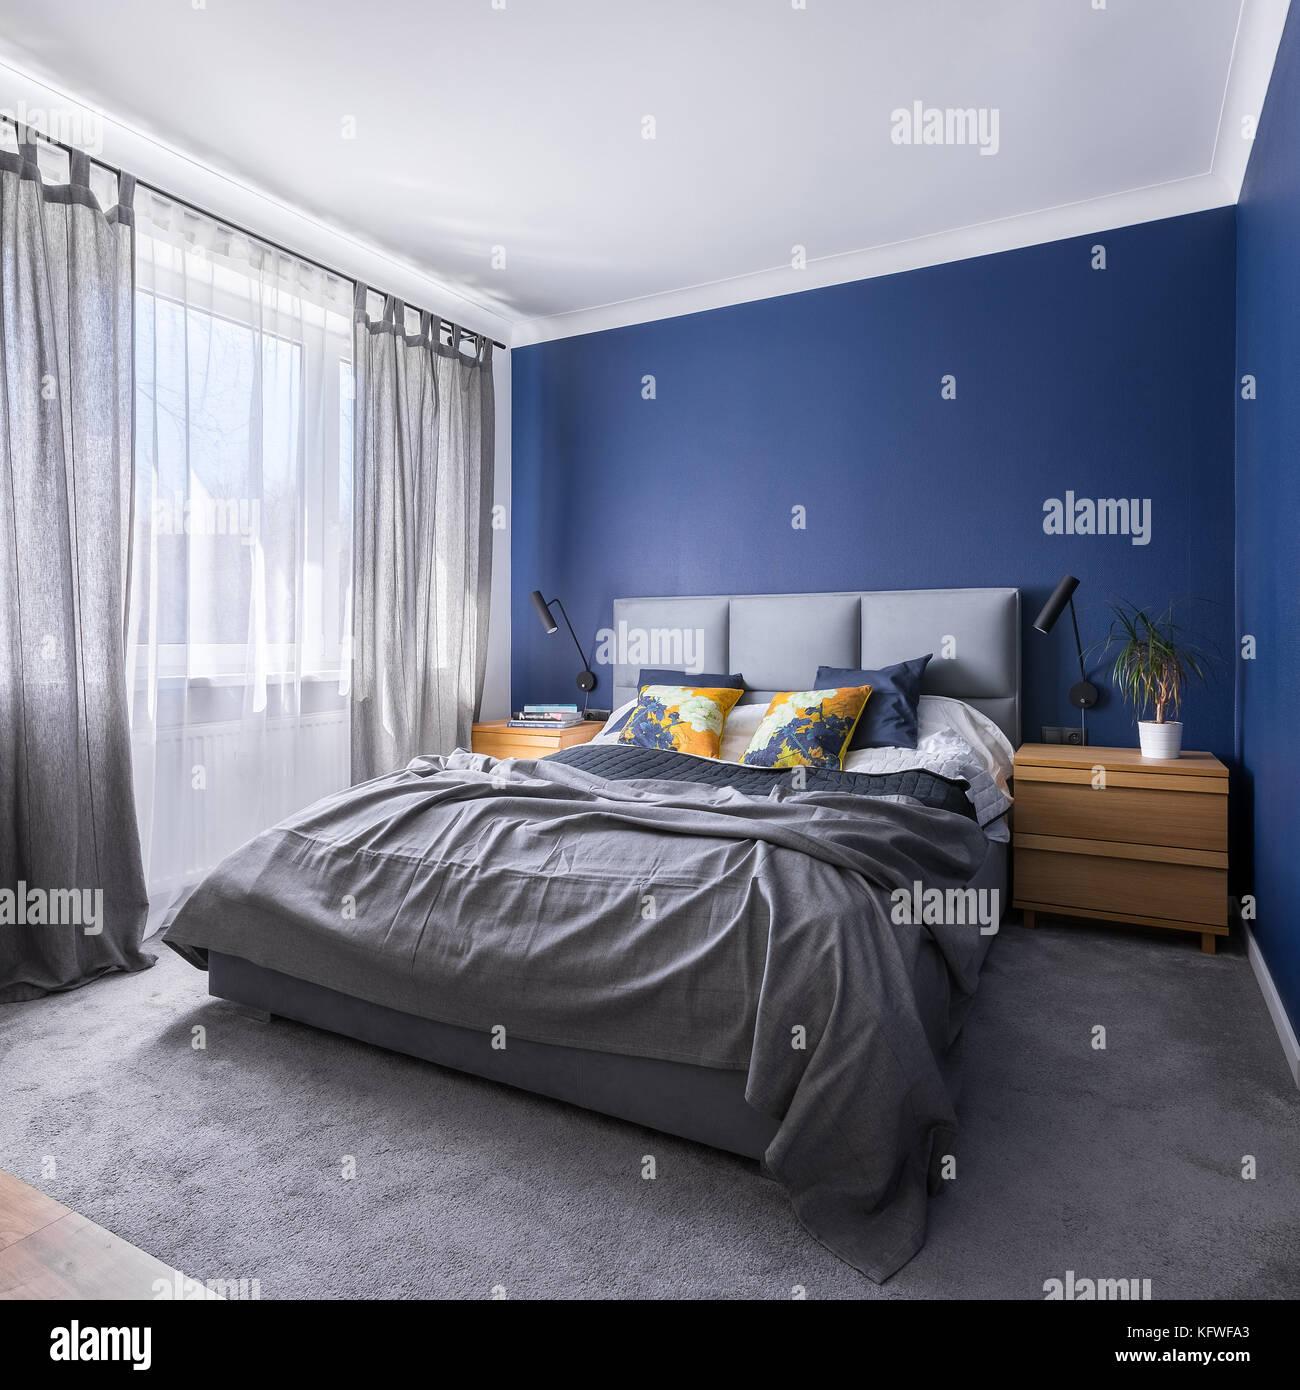 Moderno Blu Cobalto Camera Da Letto Con Letto Doppio Letto Grigio Moquette E Finestra Foto Stock Alamy